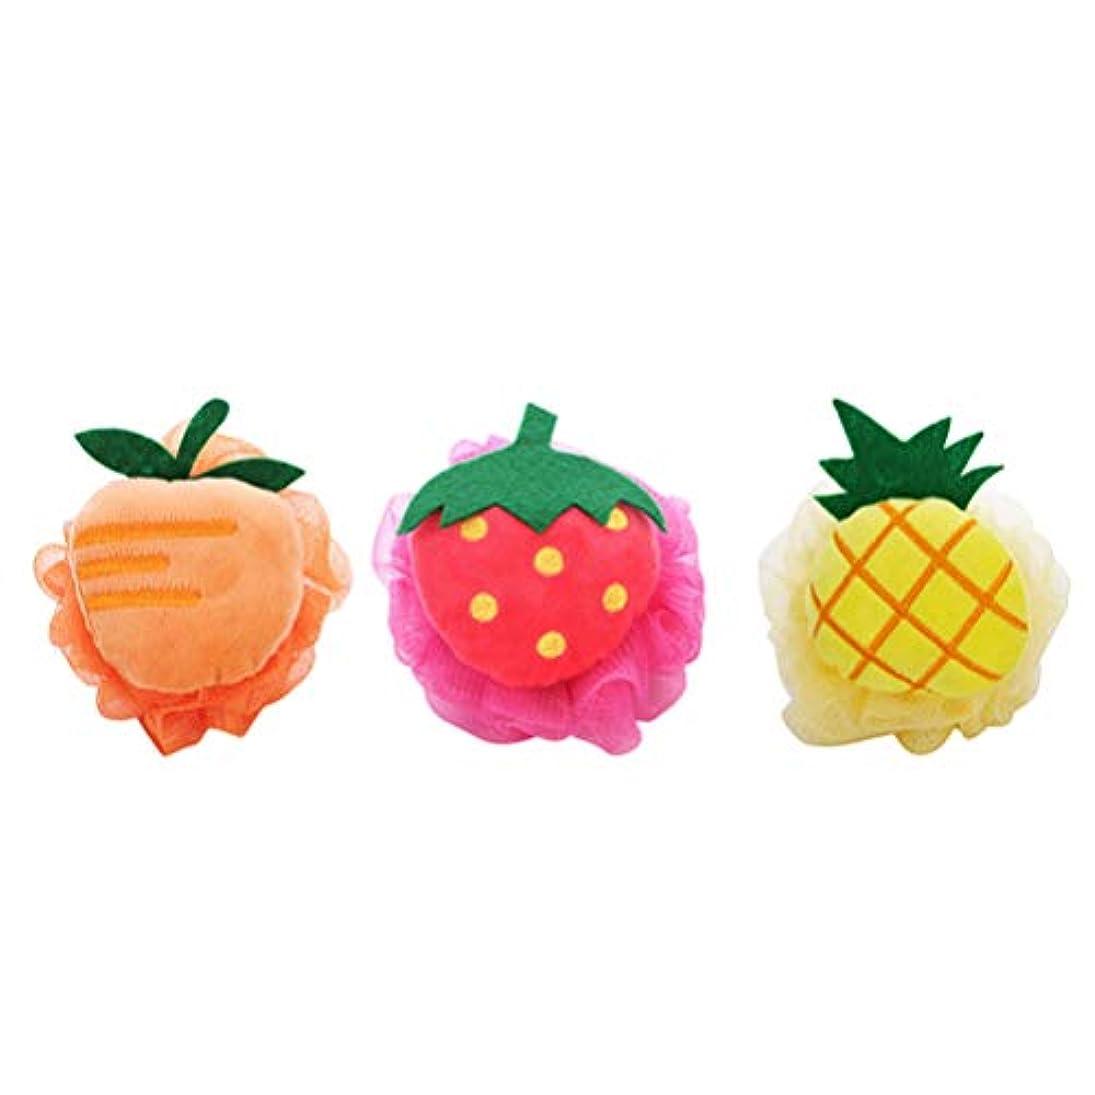 SUPVOX 3ピース風呂シャワースポンジかわいいフルーツ形ソフトシャワーボールメッシュシャワースポンジなよなよした子供のための女性